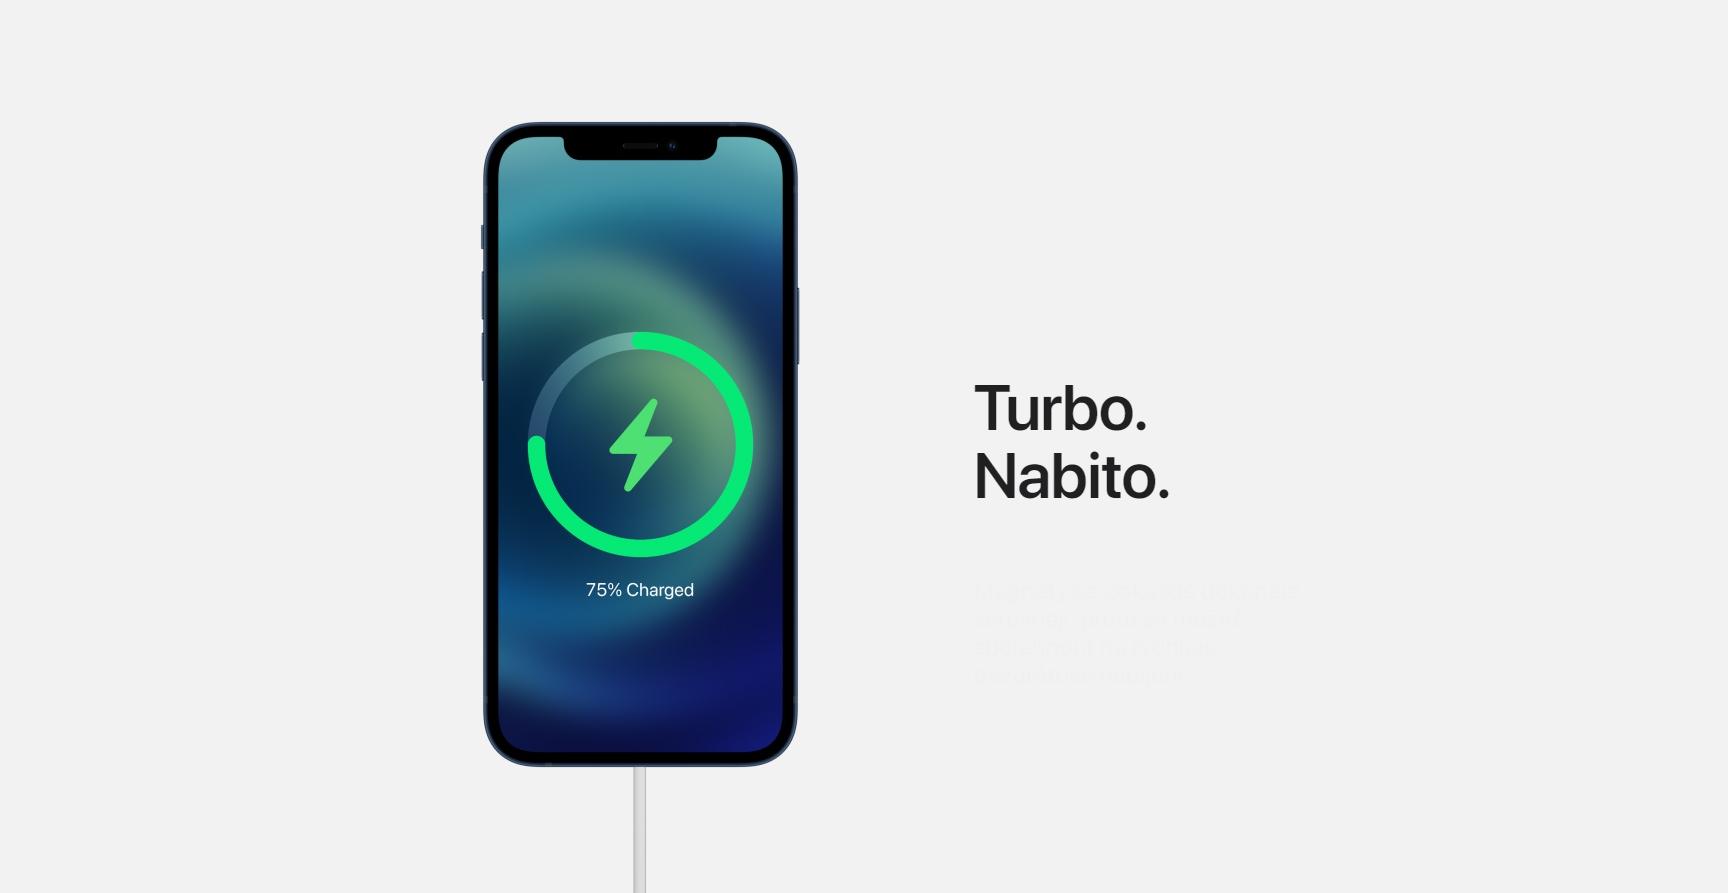 Přes MagSafe se nový iPhone 12 nabíjí dvakrát pomaleji než to zvládne kabelem